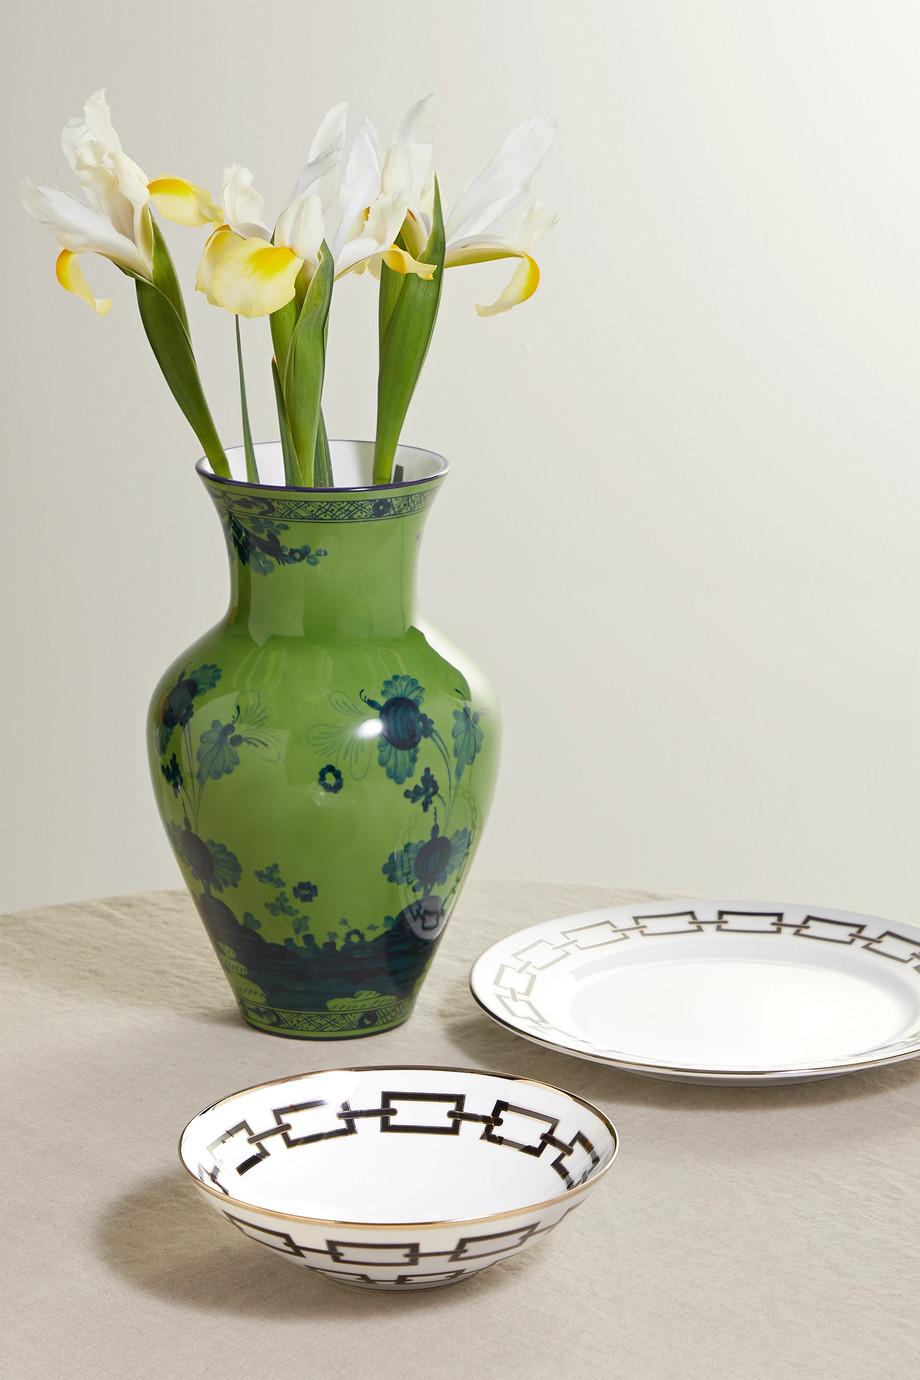 Ginori Catene 20 cm Schale aus Porzellan mit vergoldeten Details